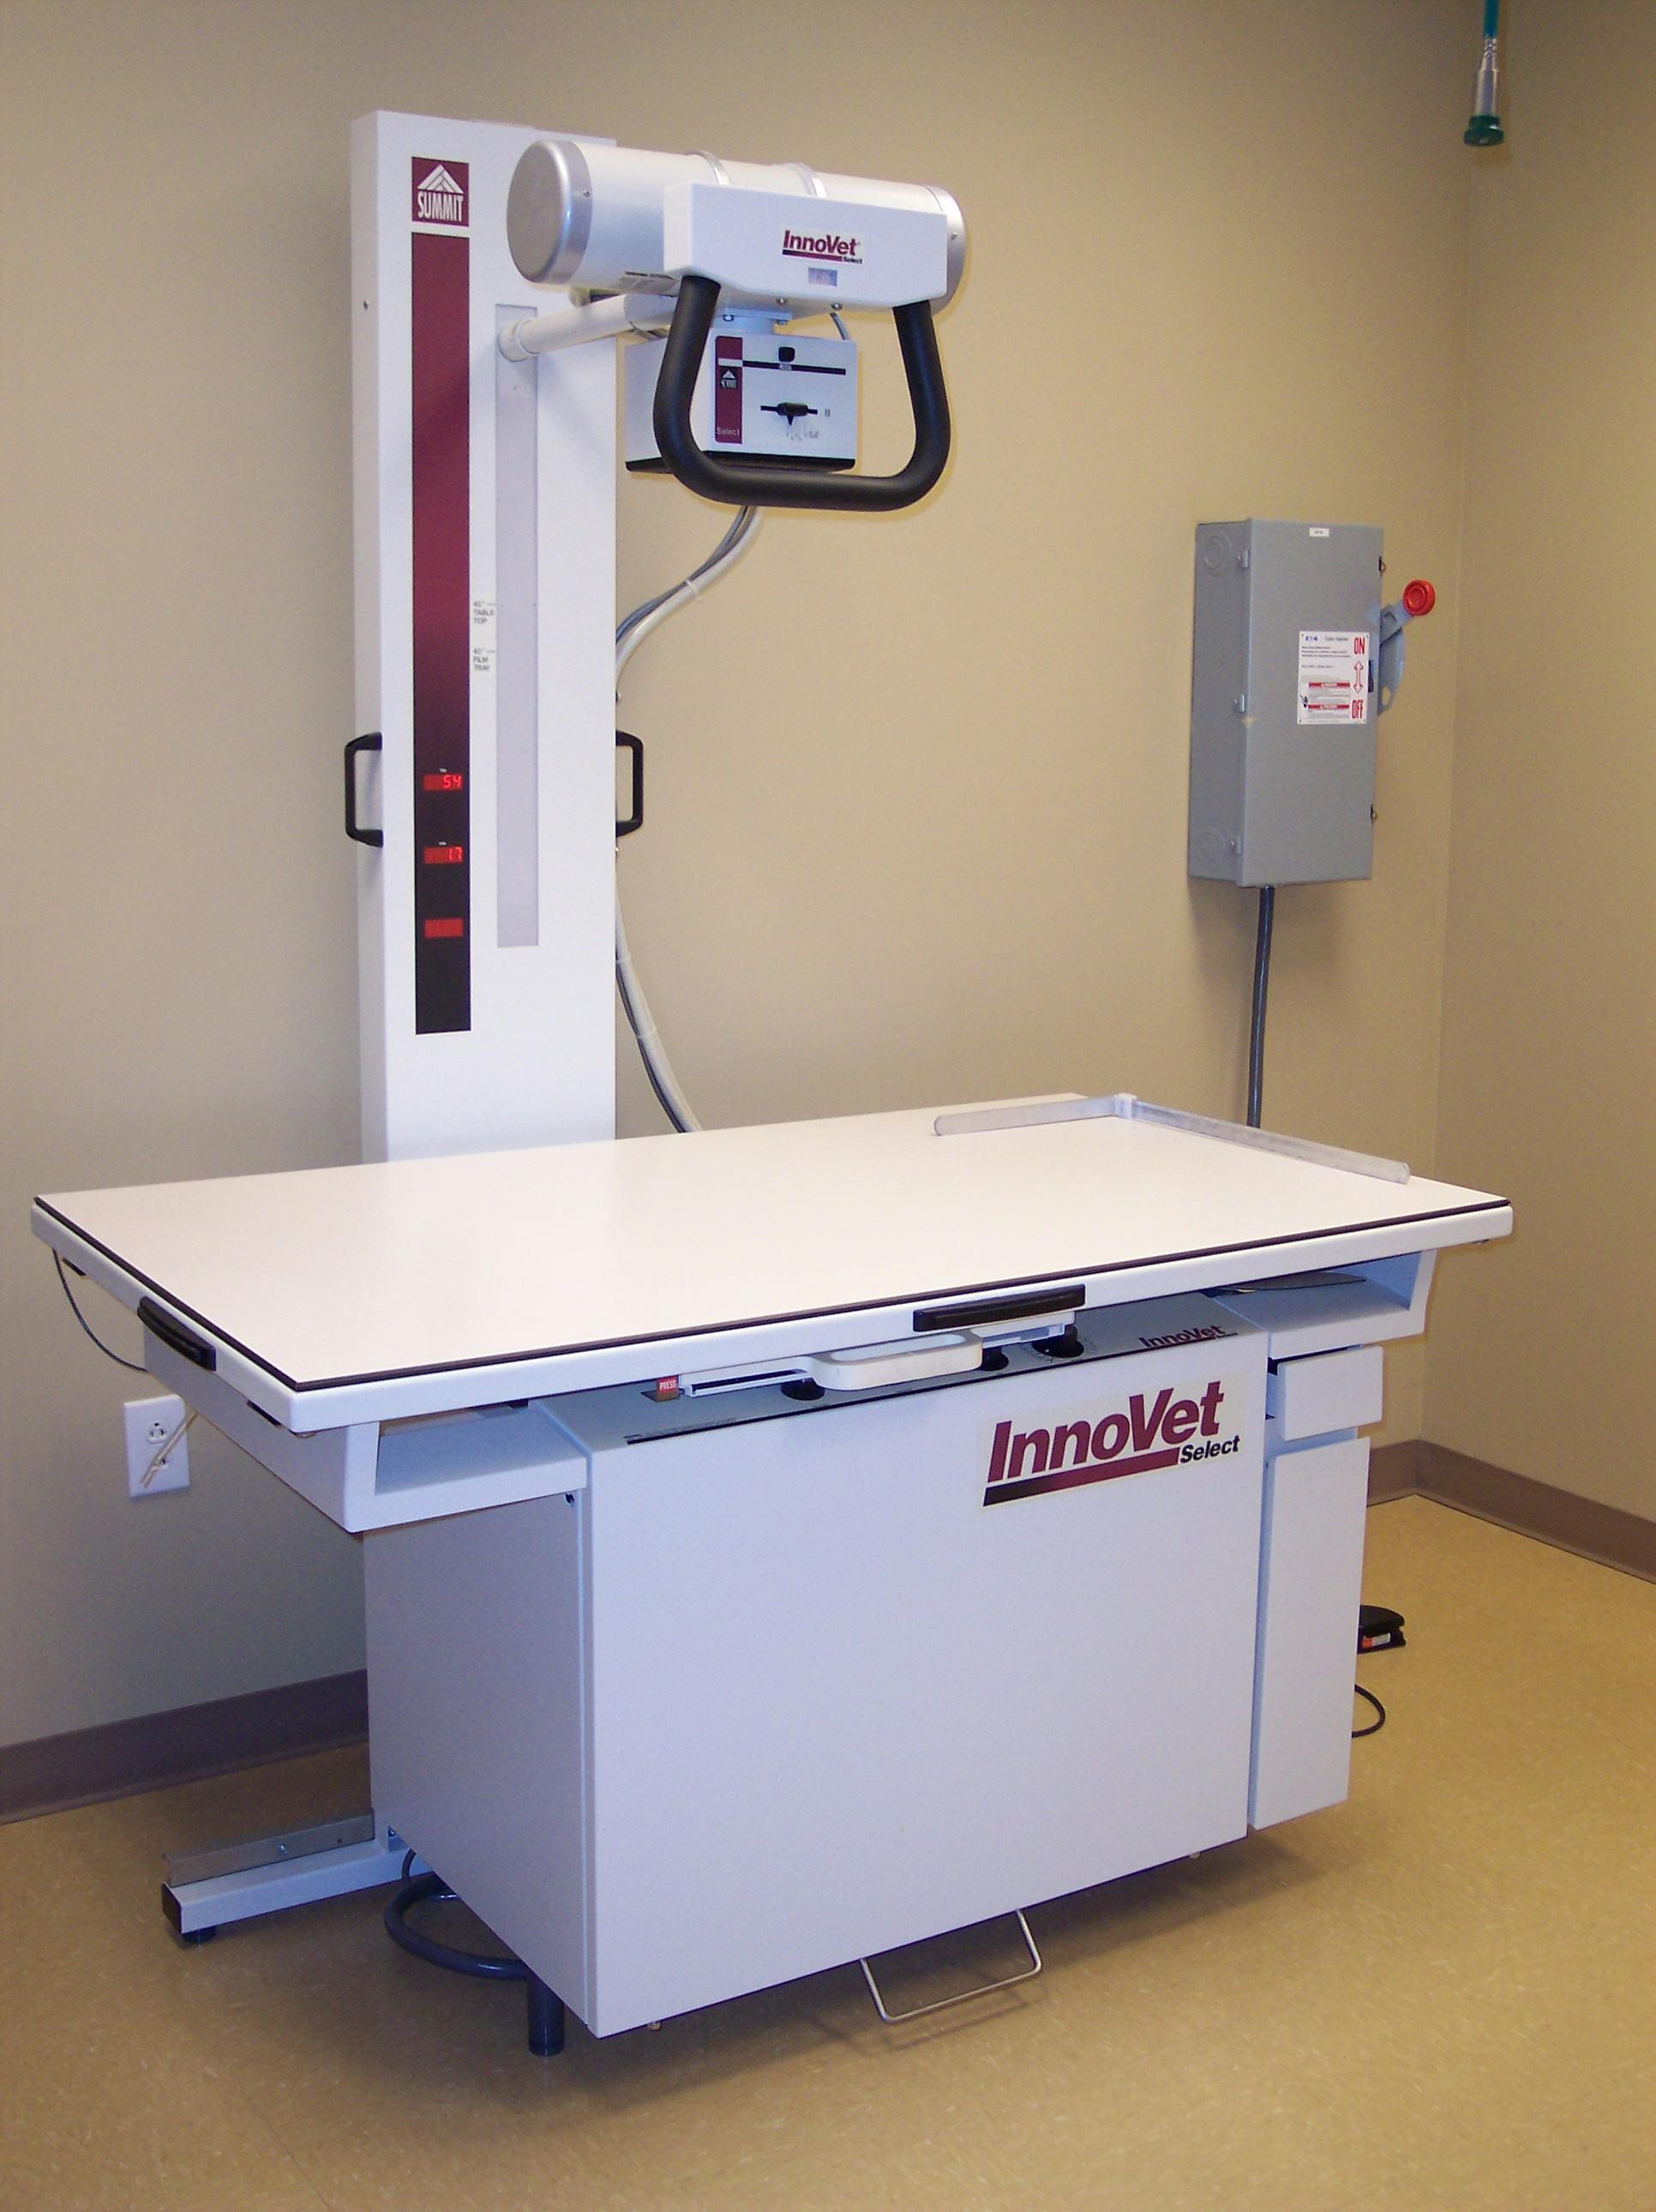 x machine hospital